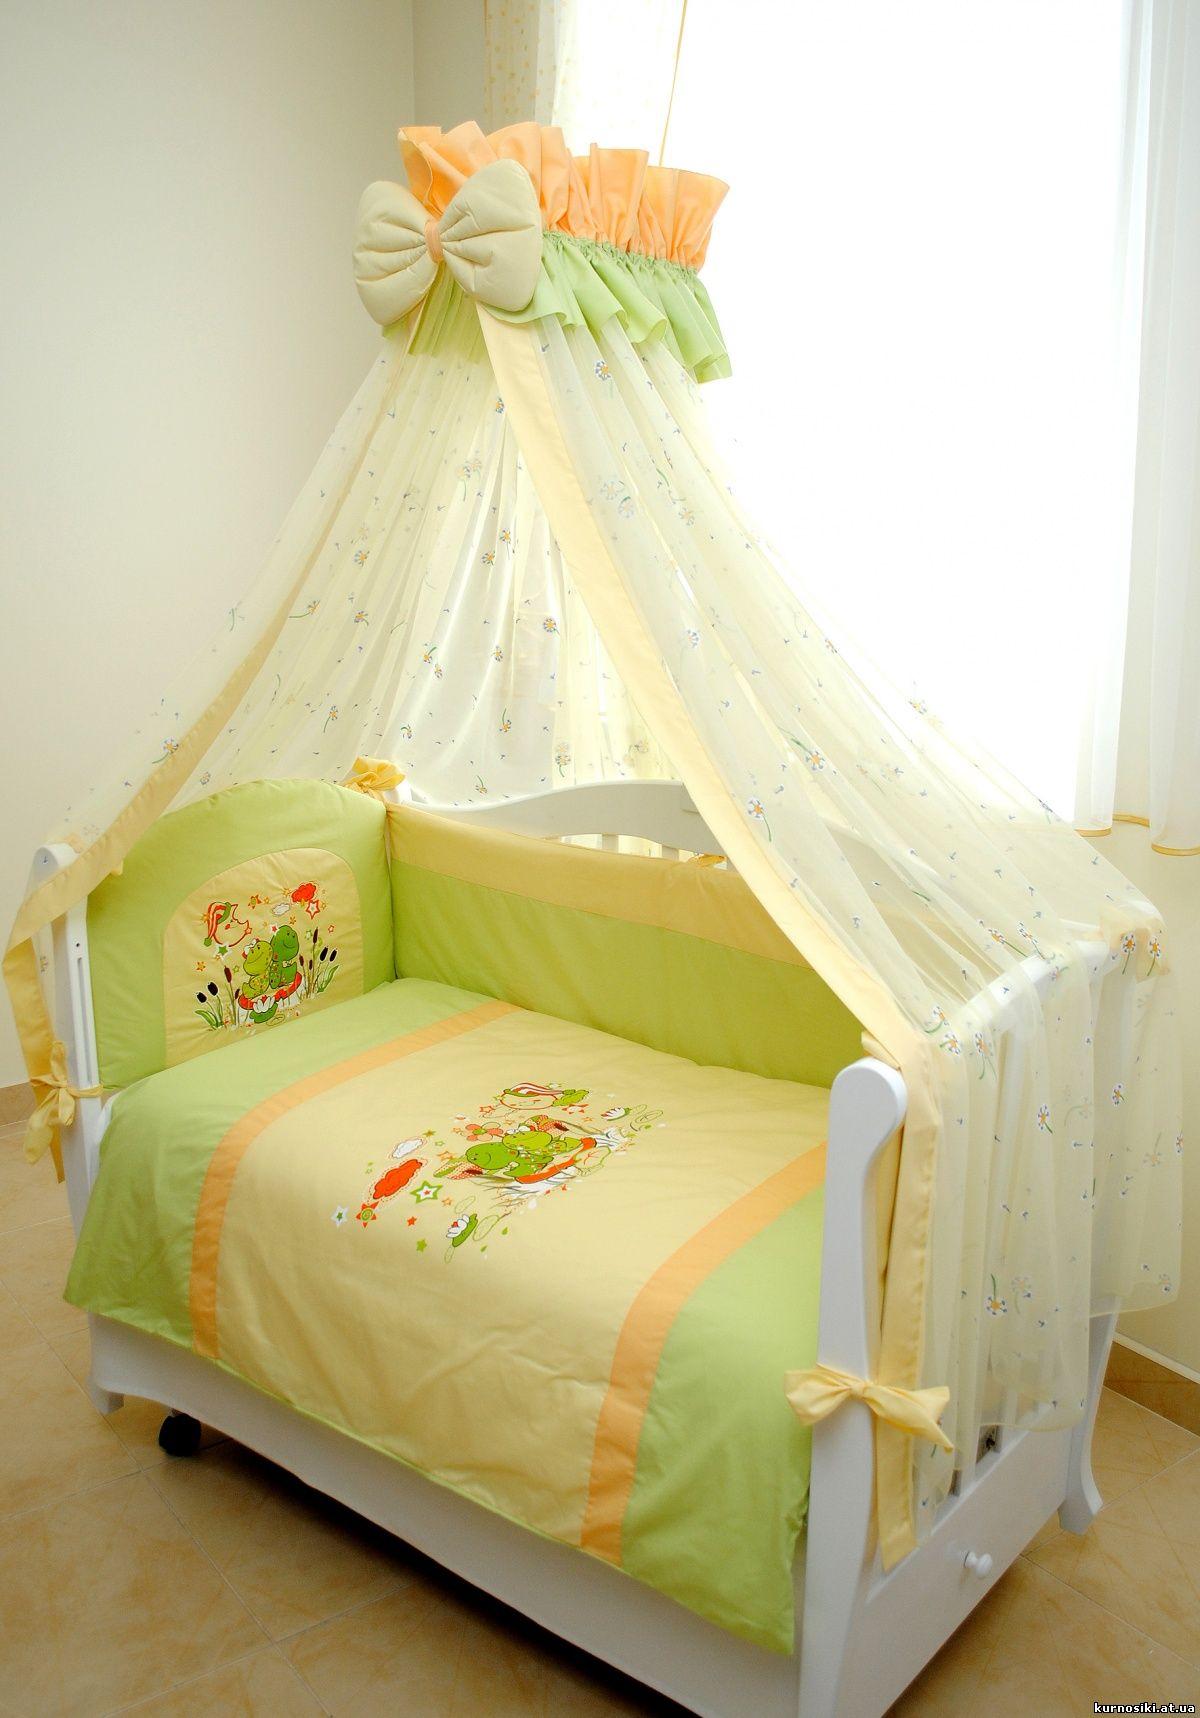 Все для сну (постіль+) - Каталог товарів - Магазин дитячих товарів ... a596a153c9763